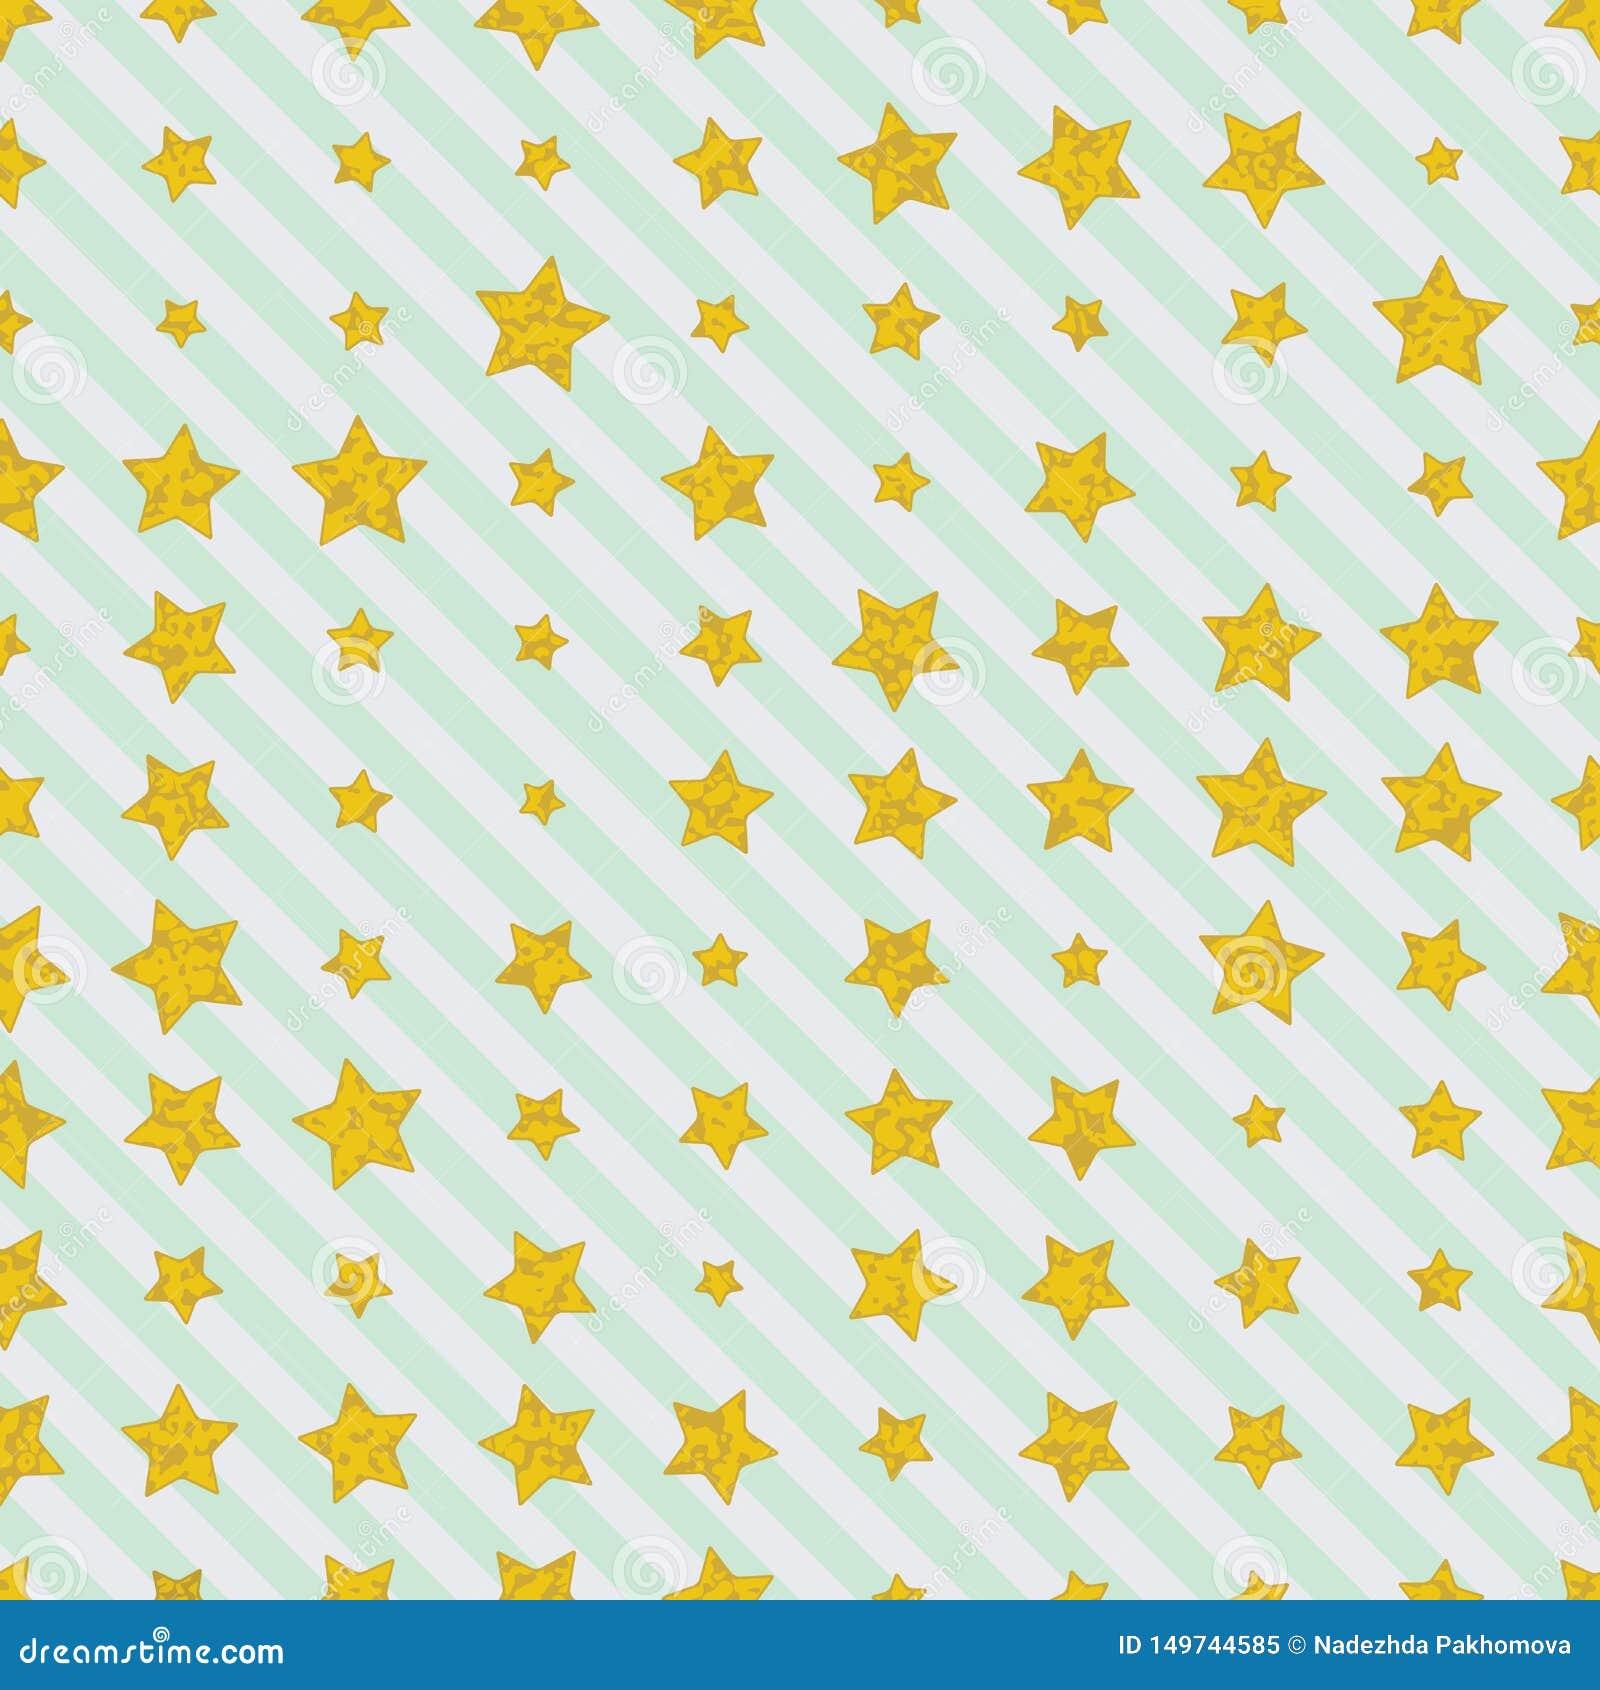 Stelle dorate sulle linee rette diagonali fondo